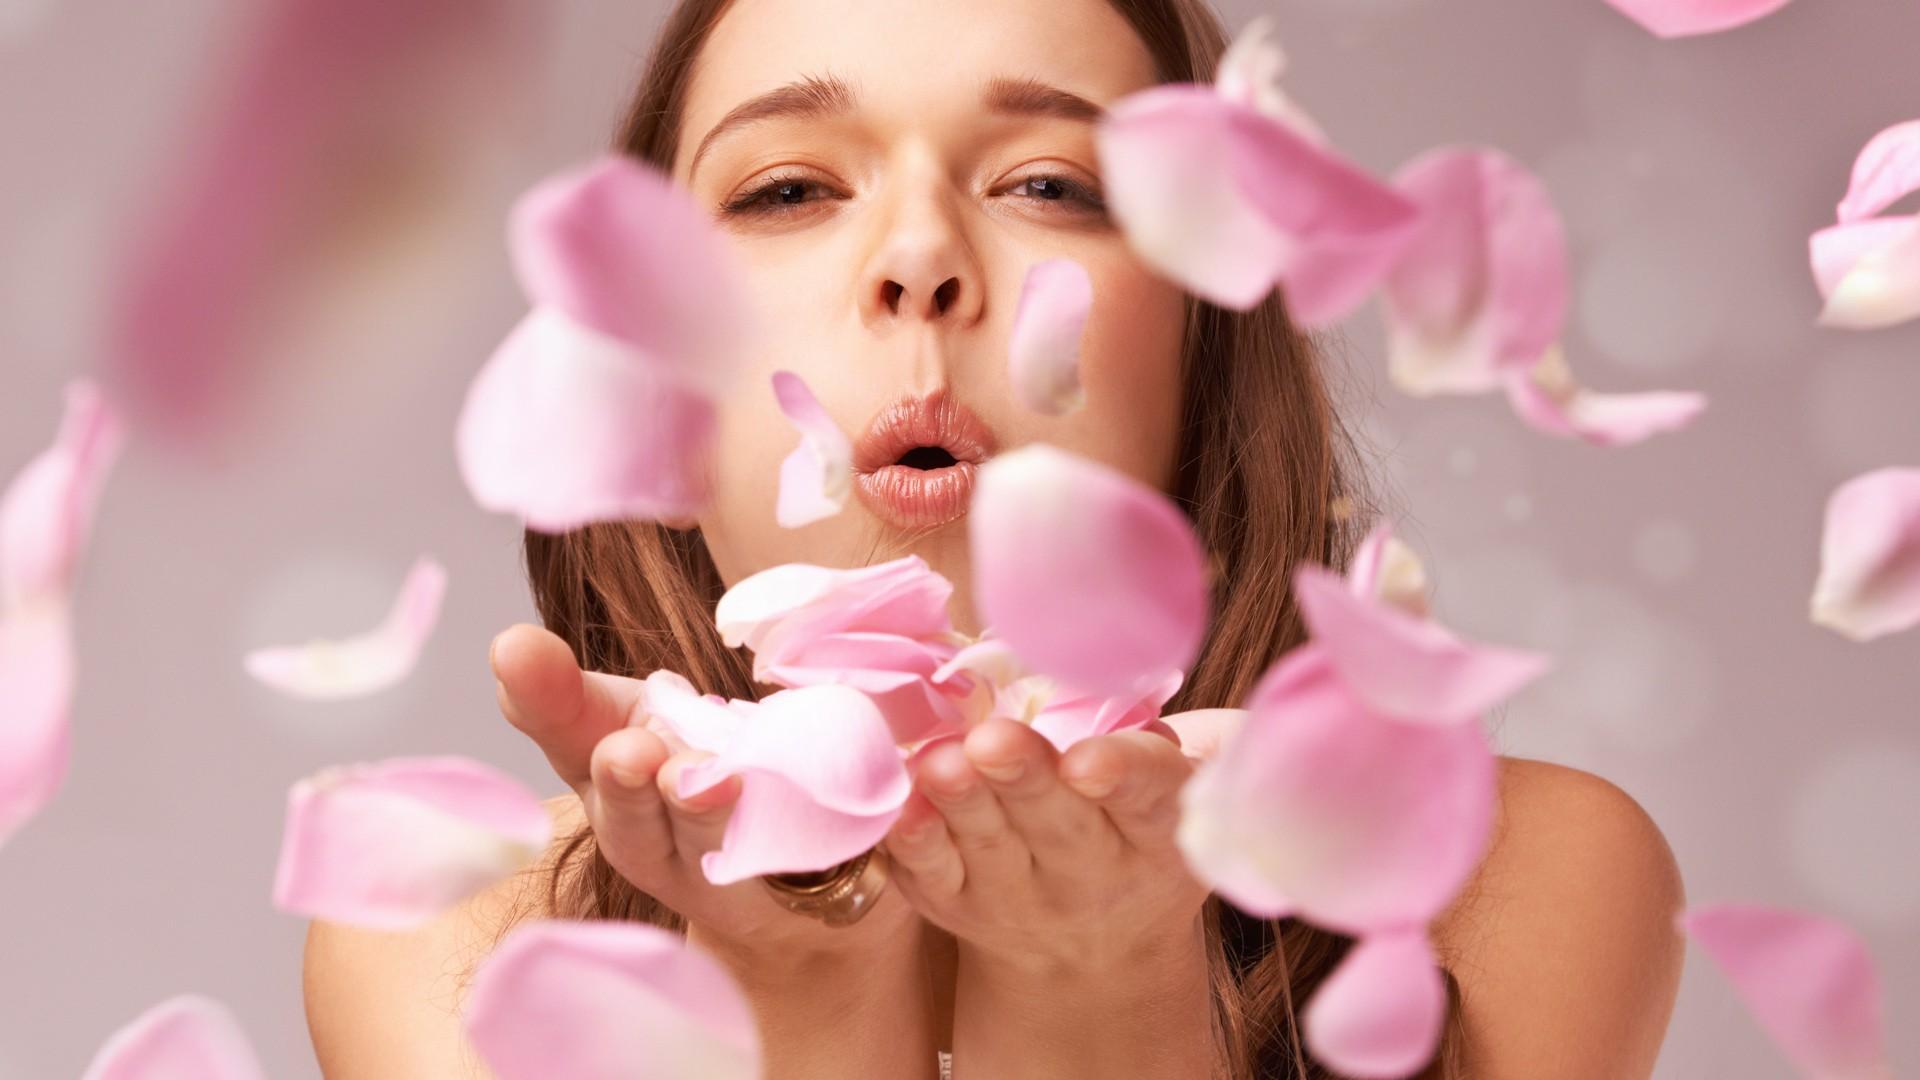 000 belleza estetica mujer soplar petalos rosa